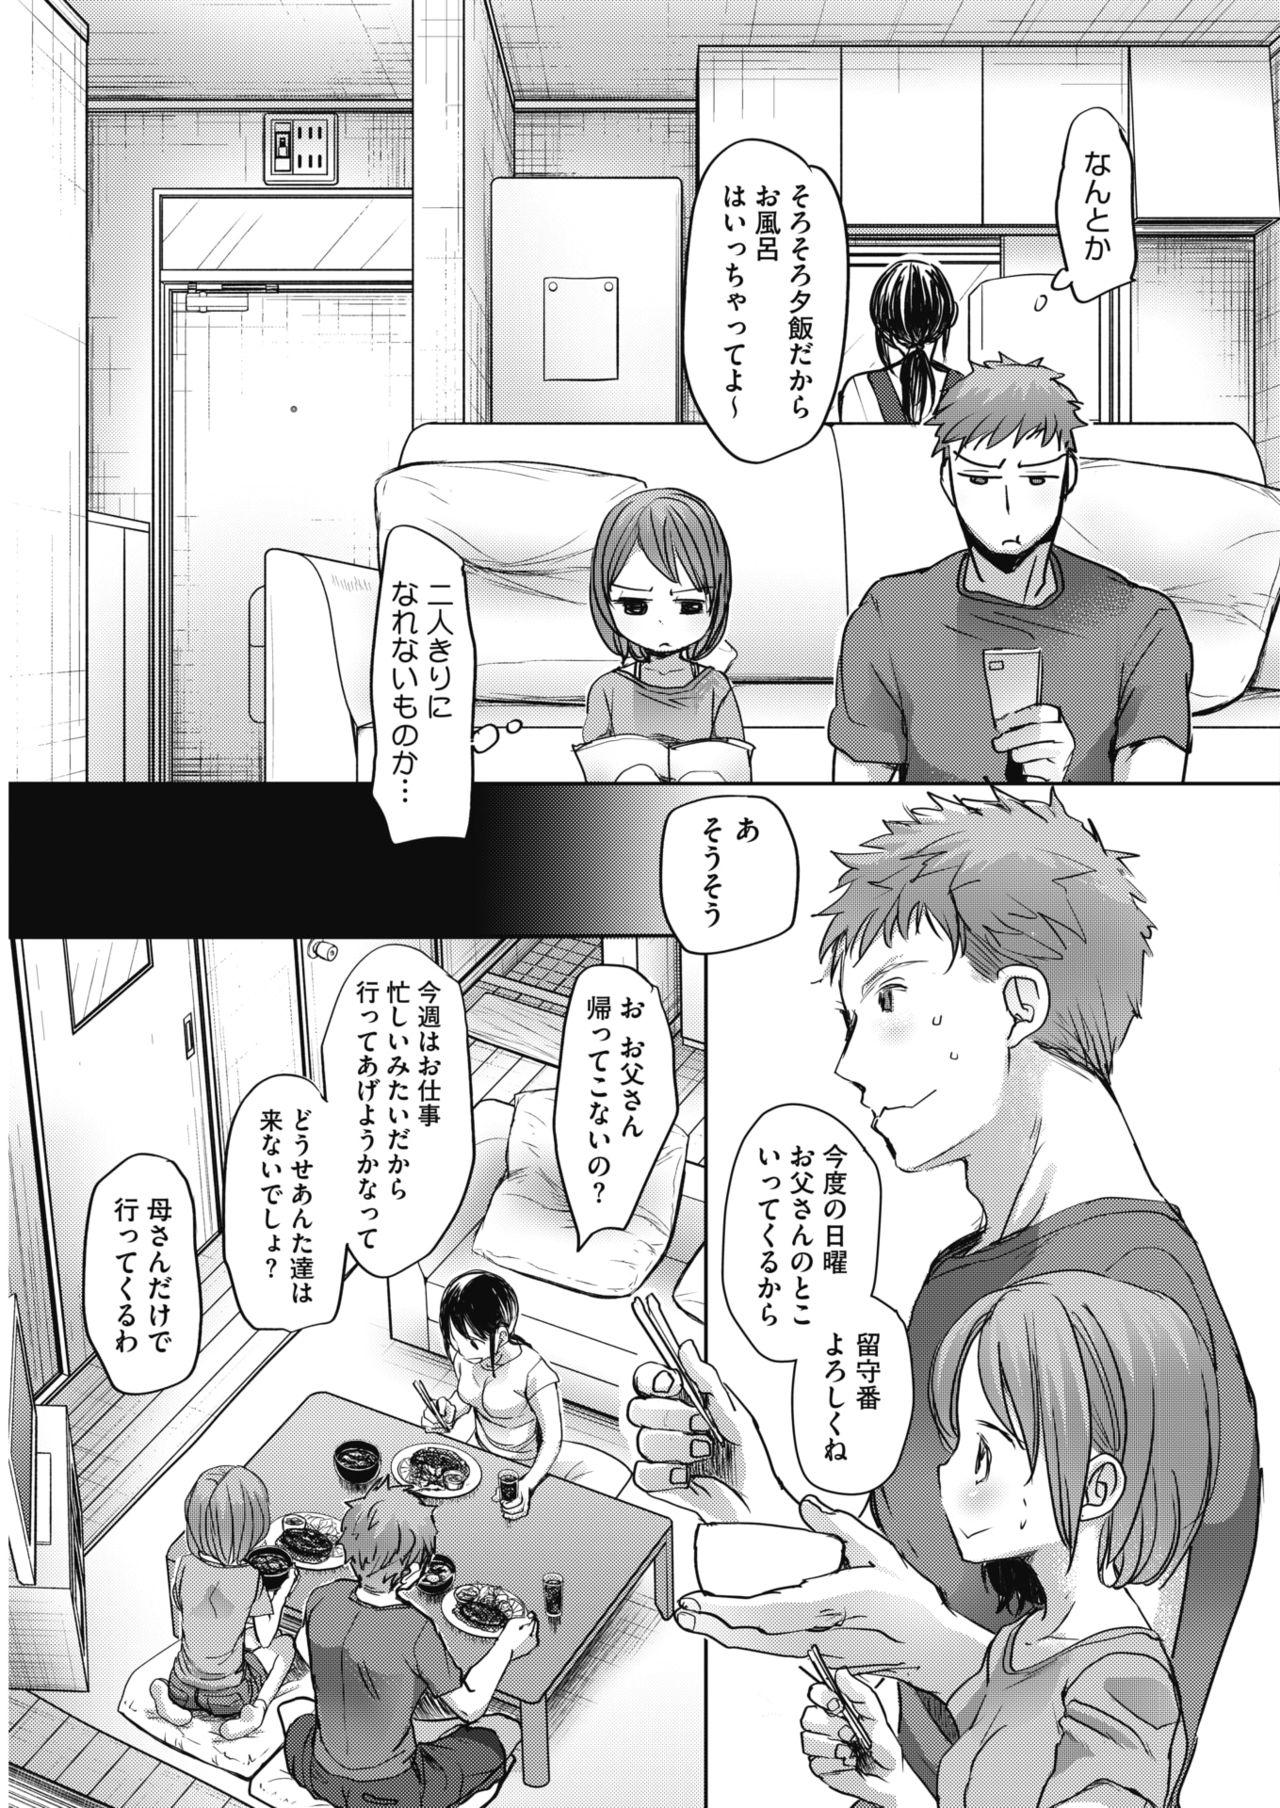 _oyanoinumanosentaku_zenpen_okadakou_komikkuhottomiruku_2018nen06gatsu